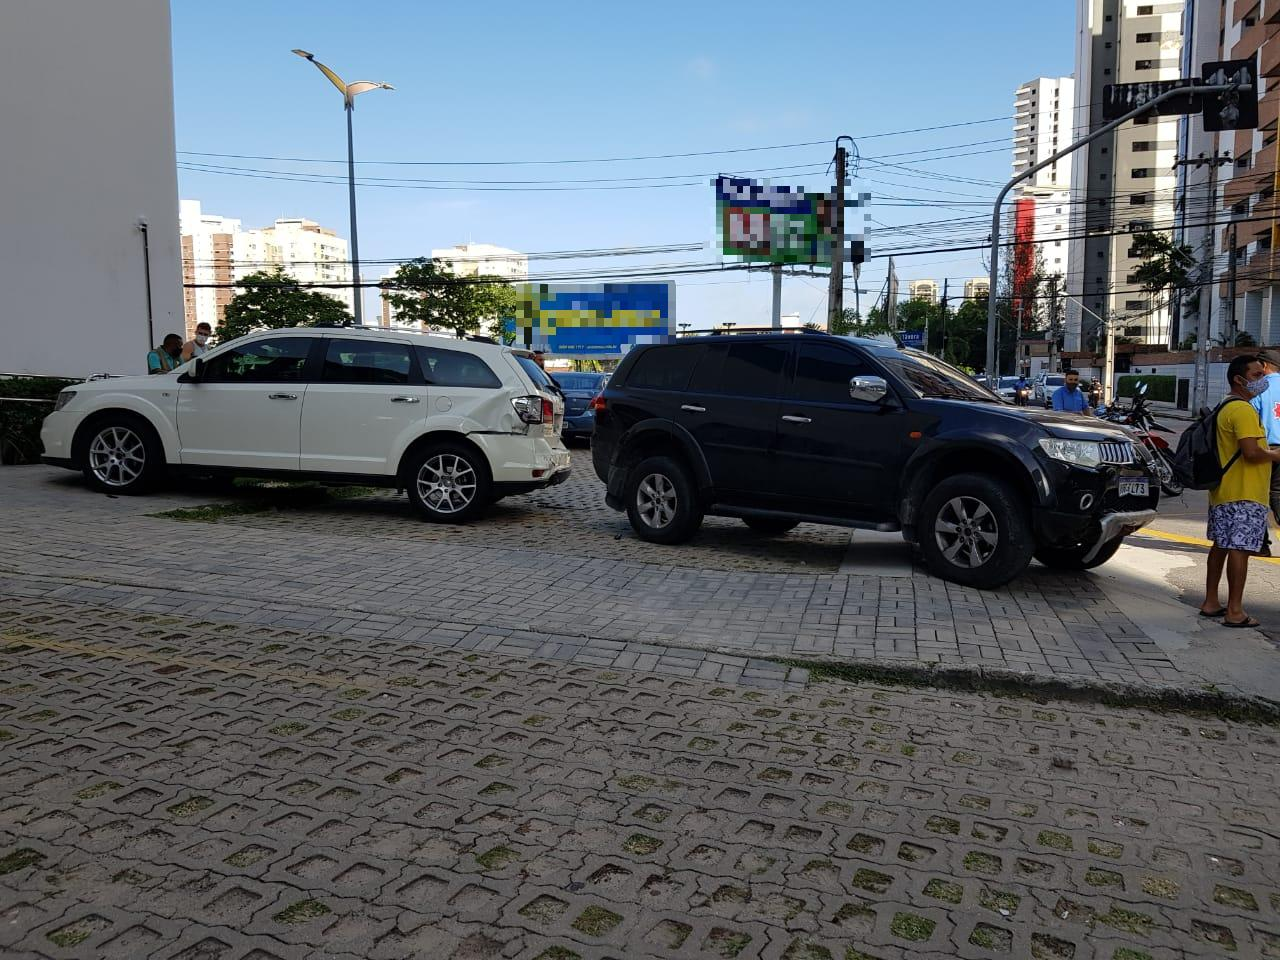 Carros envolvidos no acidente na Aldeota